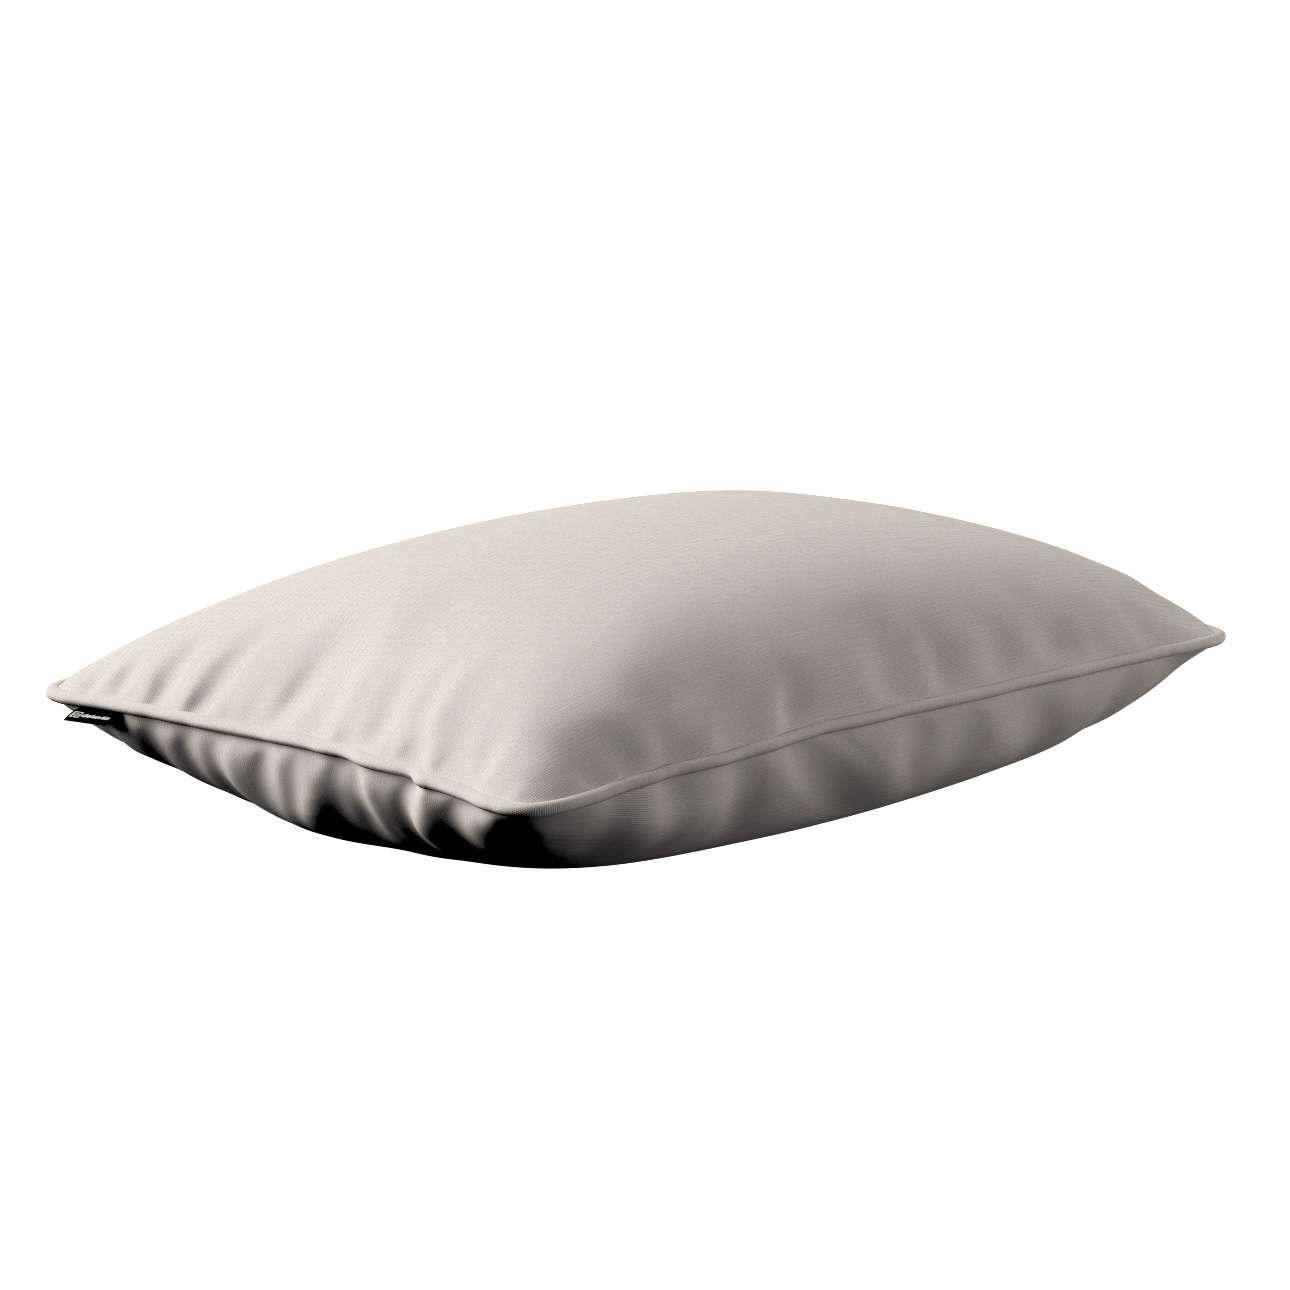 Poszewka Gabi na poduszkę prostokątna 60 x 40 cm w kolekcji Cotton Panama, tkanina: 702-31